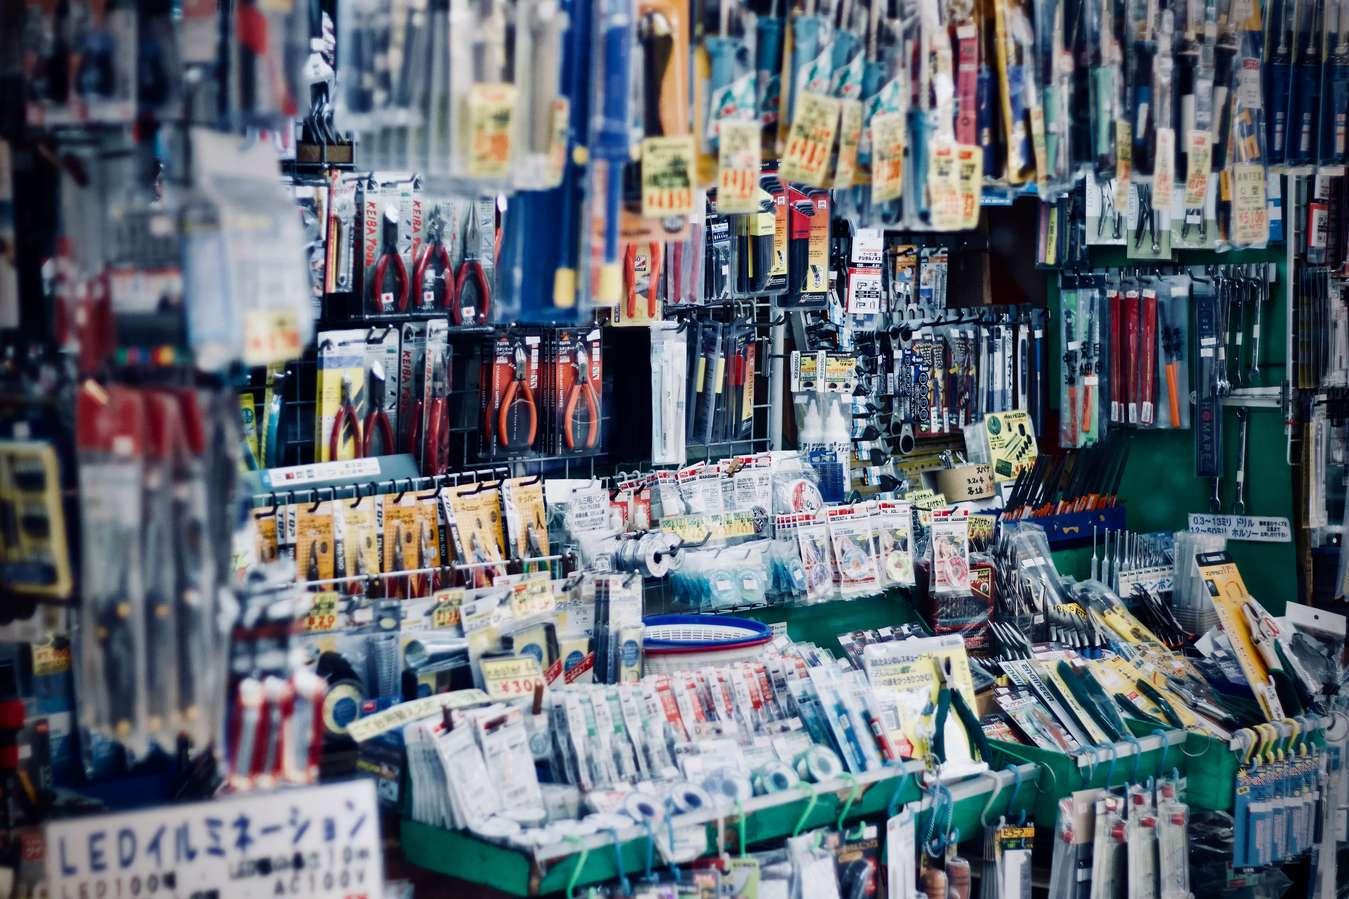 diversos produtos numa loja